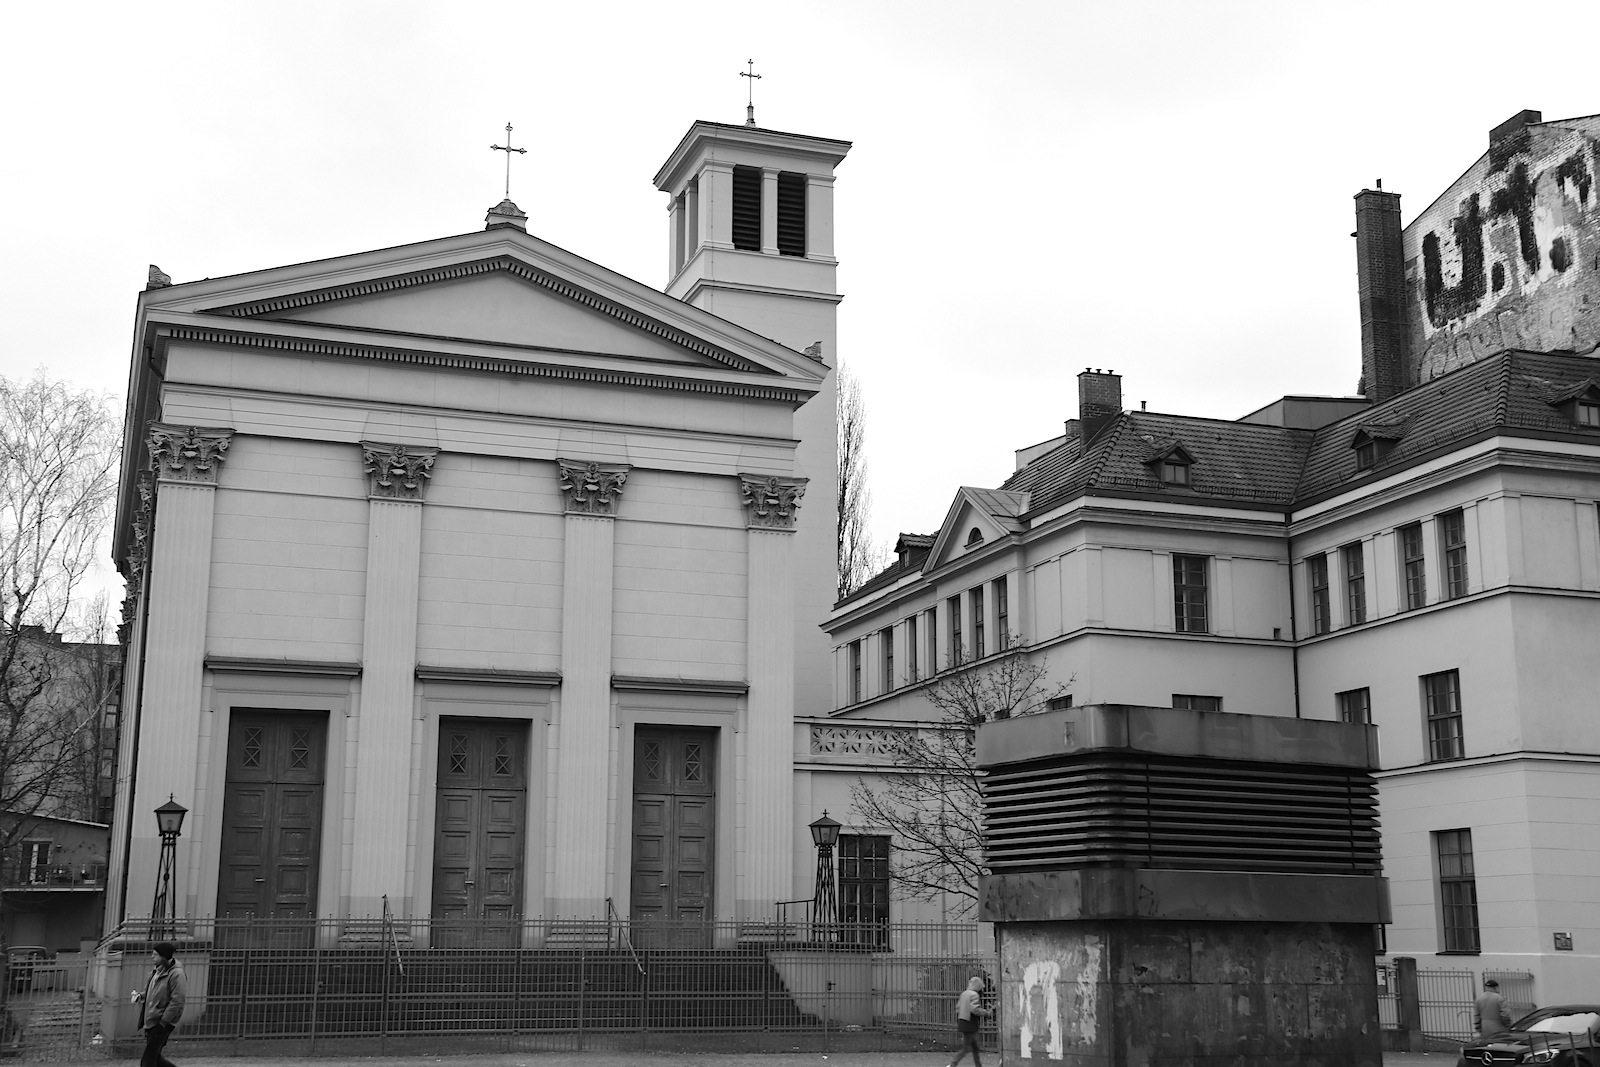 St. Pauls Kirche. von Karl Friedrich Schinkel (1835), im Zweiten Weltkrieg zerstört und 1957 von Hans Wolff-Grohmann wiederaufgebaut.